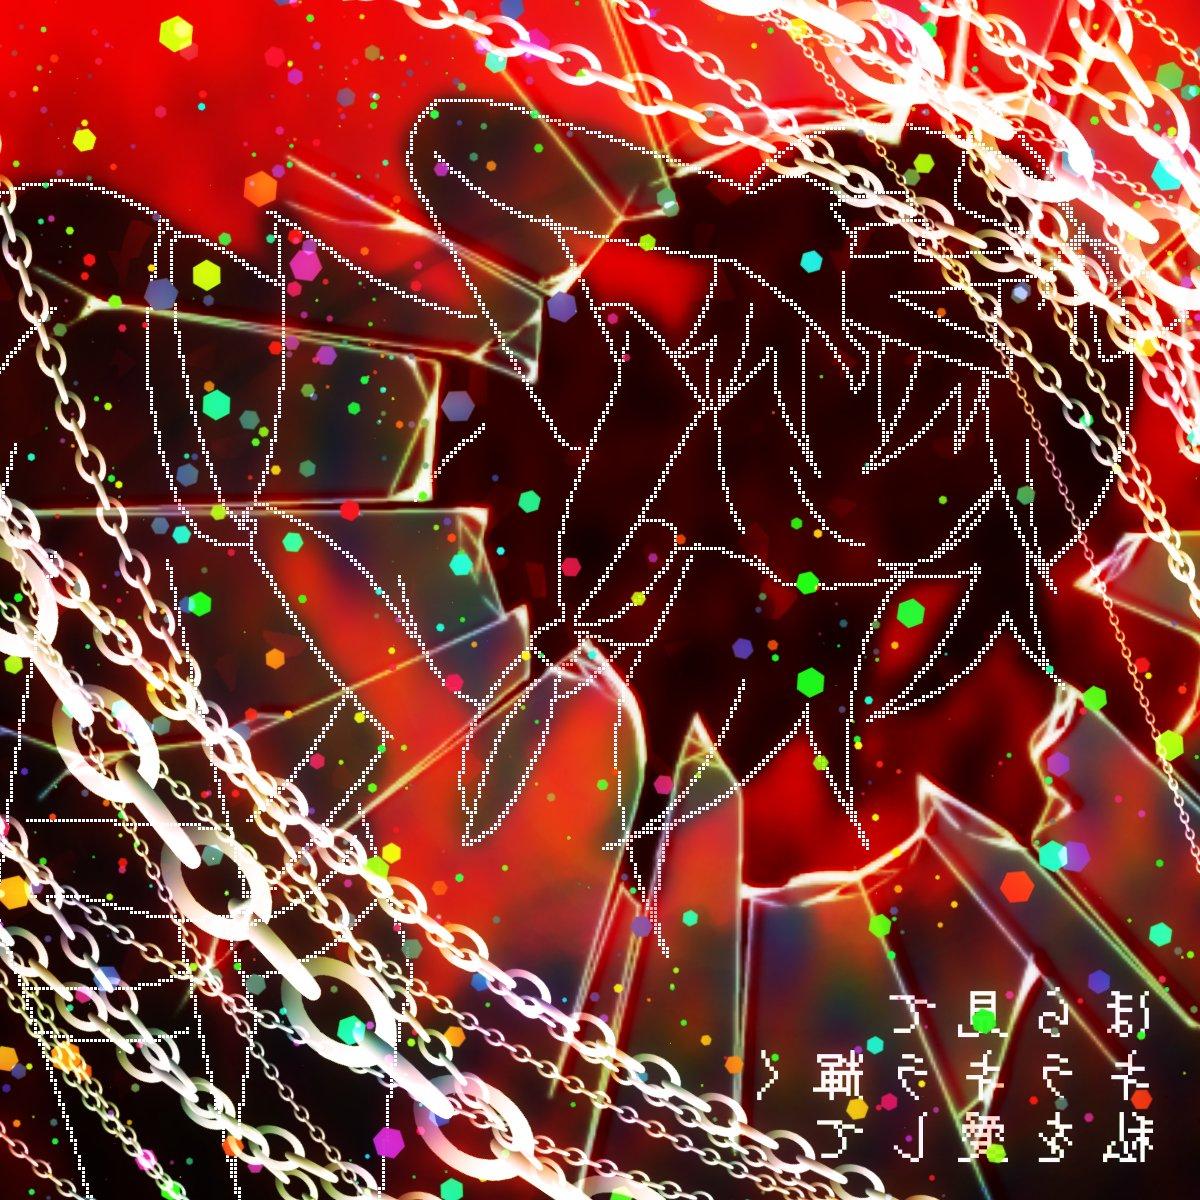 #レッドアイ小説 #RedEyeNovel #UTAU #ネネ・マキ  「愛してほしい」  #絵 #アイビス #イラスト #デジタルイラスト #絵描きさんと繋がりたい #フォロバ100パーセント #画輪 #Исумайэму_Парк🐍 #Роман_красных_глаз🐍 #Анемон_хорошо🚩 #女の子